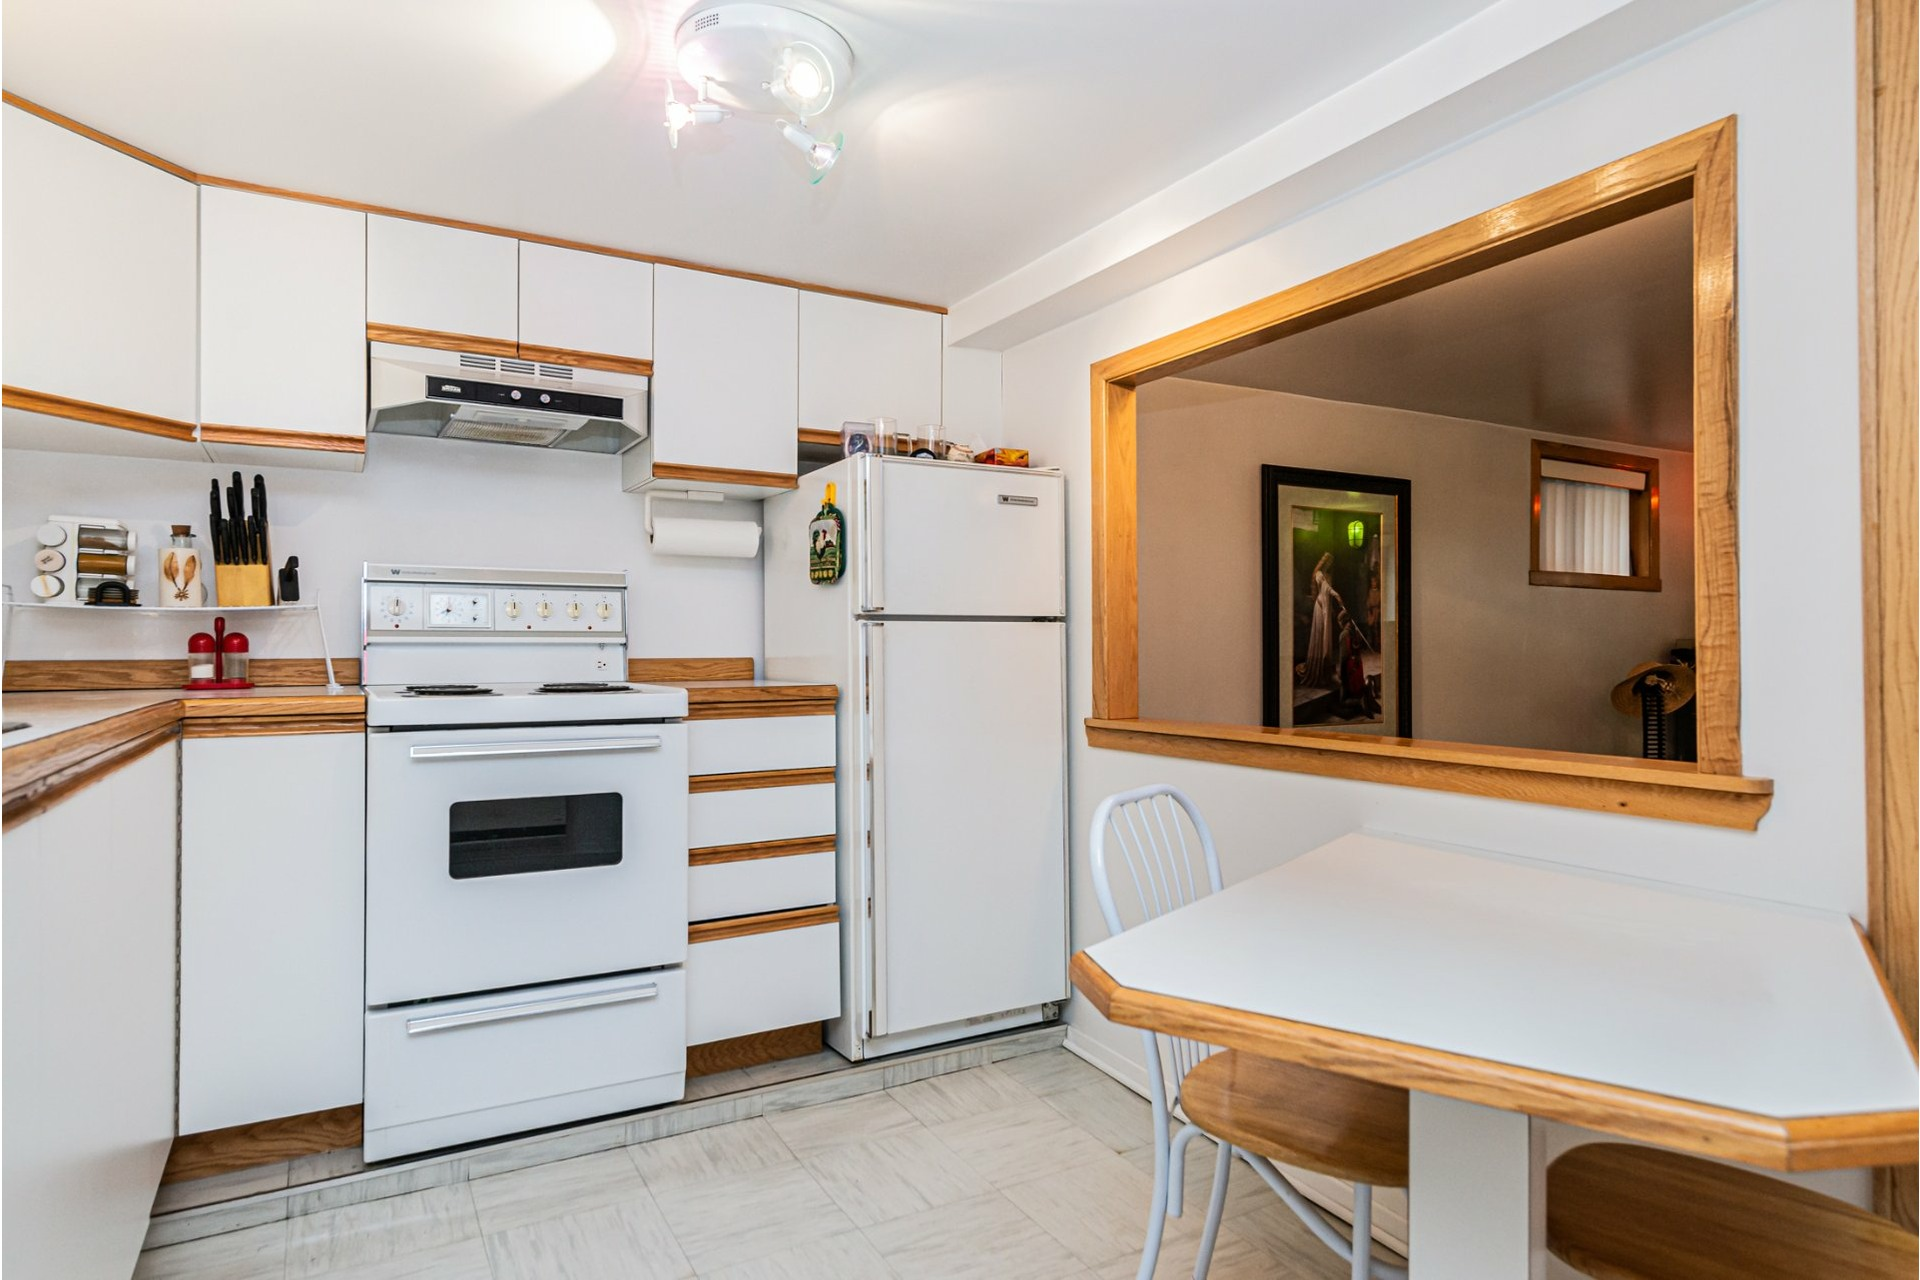 image 15 - Duplex À vendre Mercier/Hochelaga-Maisonneuve Montréal  - 4 pièces